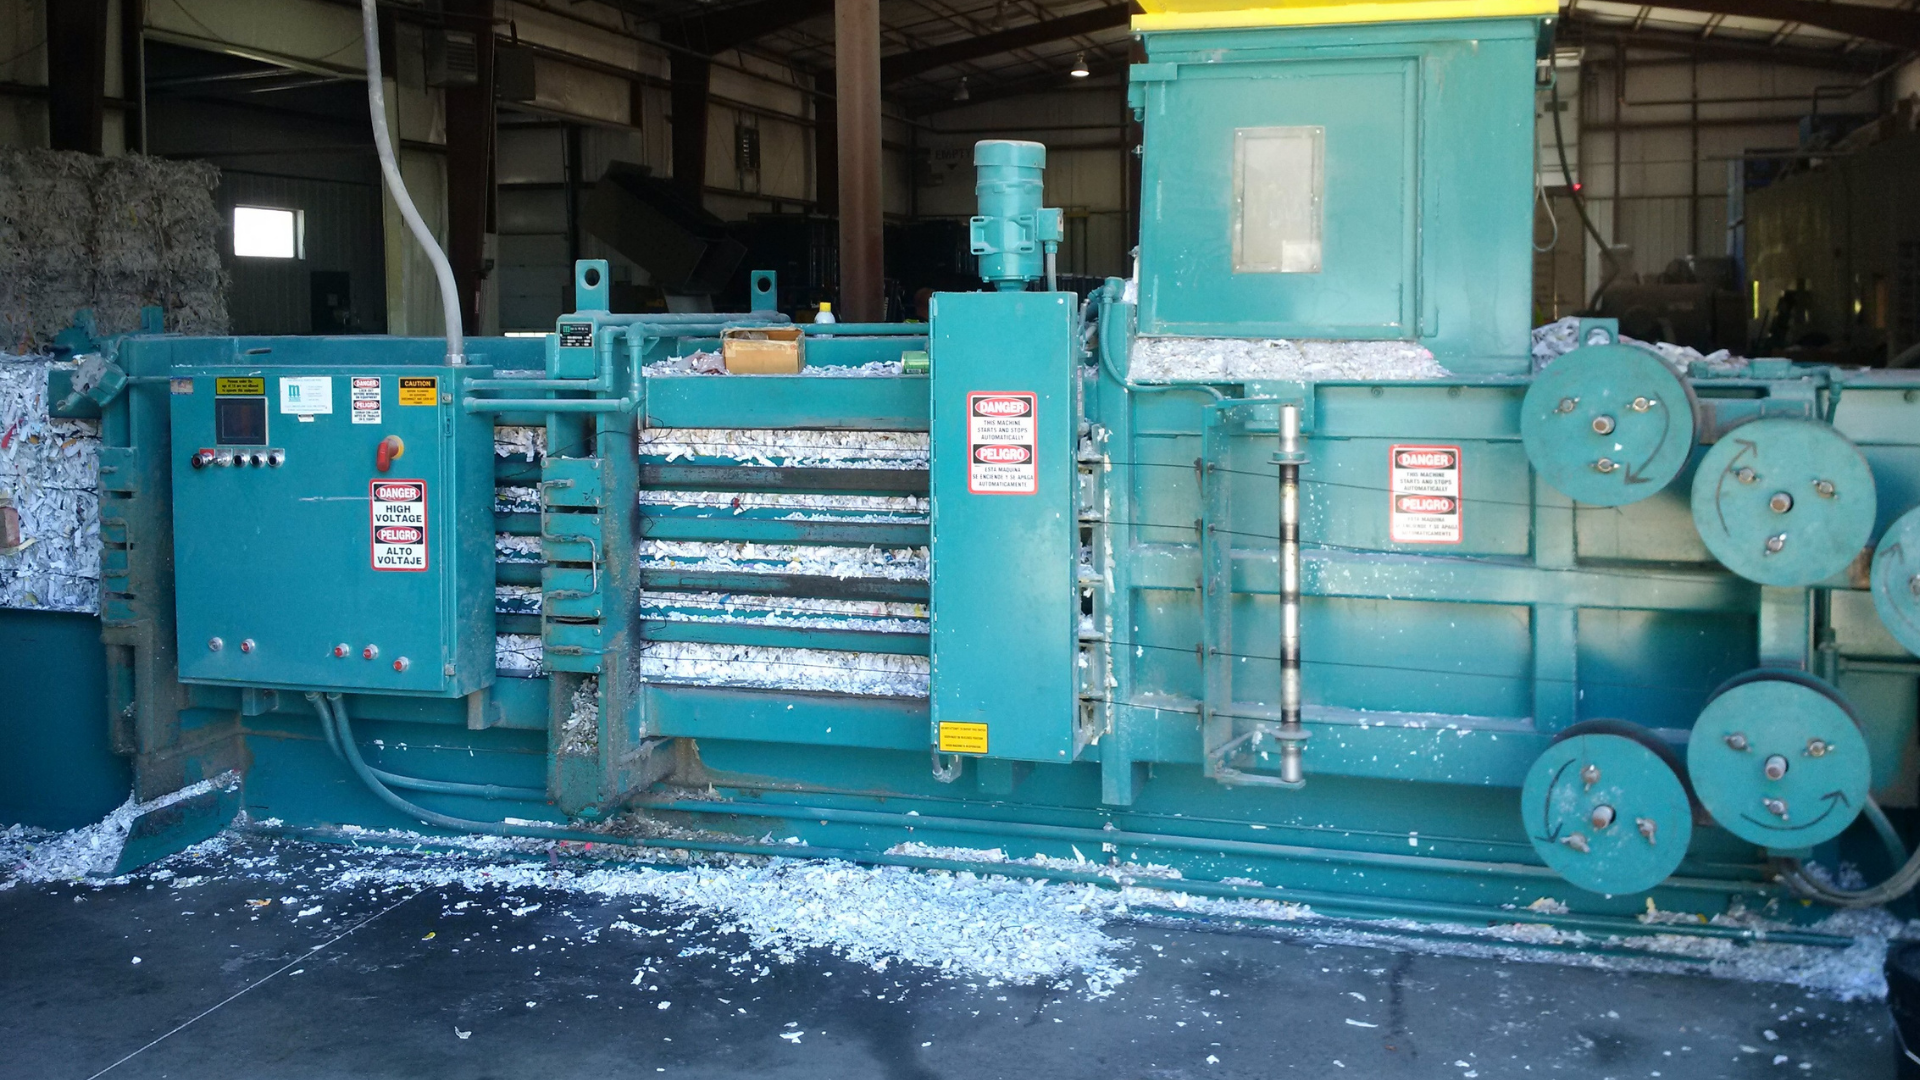 blue baler handling shredded paper in a warehouse